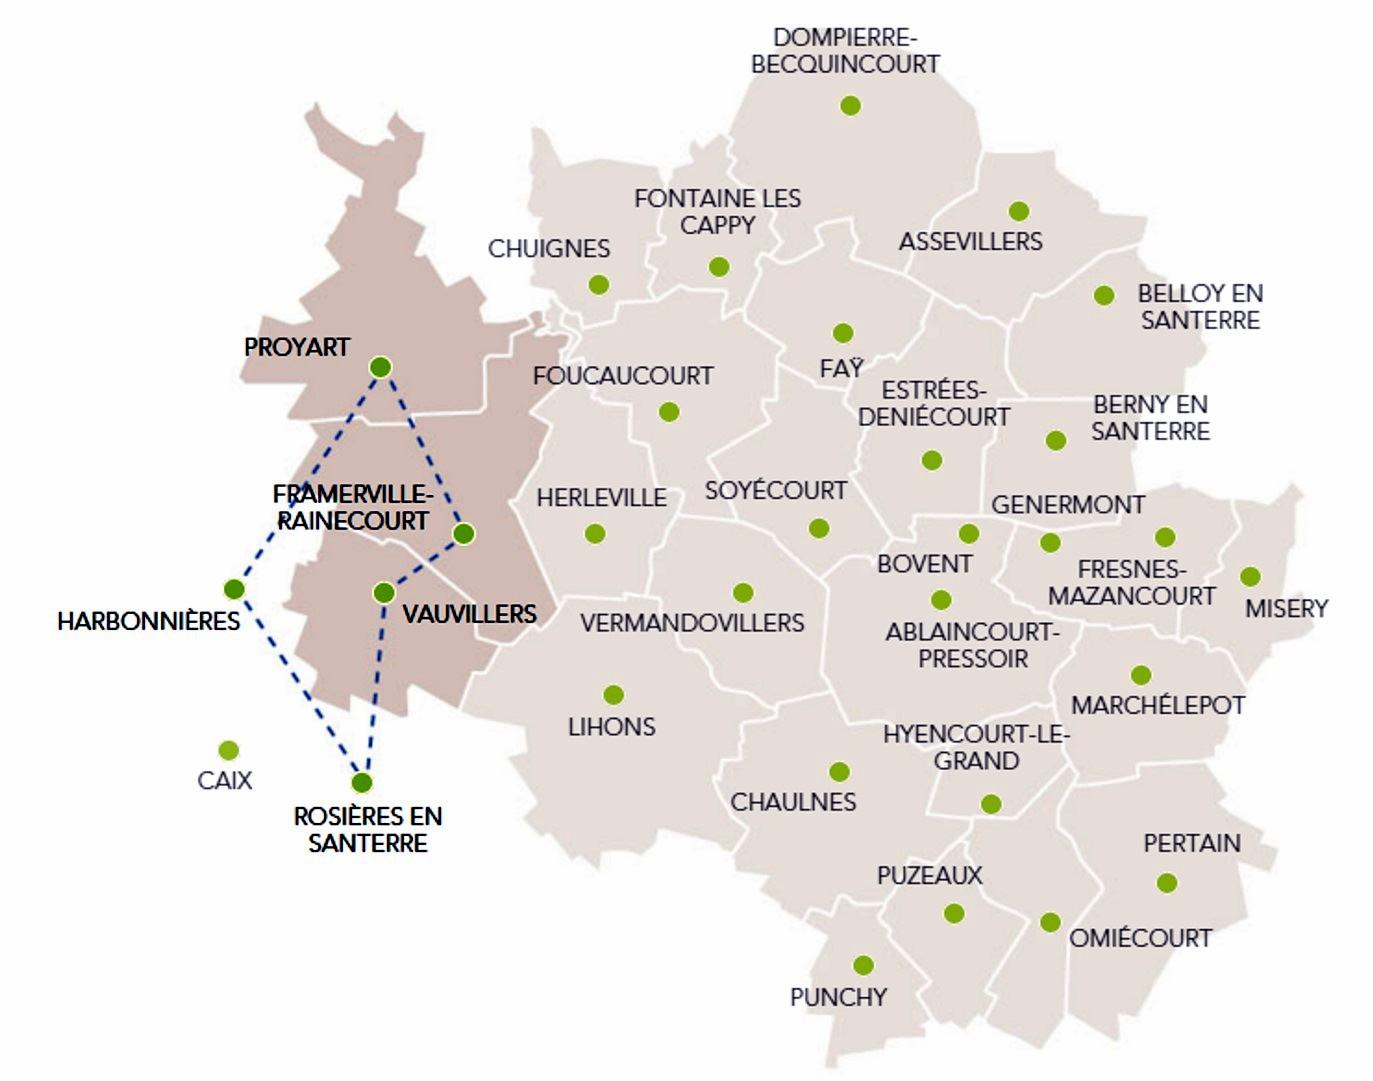 Carte du secteur de Proyart, Framerville, Rainecourt, Harbonnières (site santerre20142018.com : les circuits du bleuet)